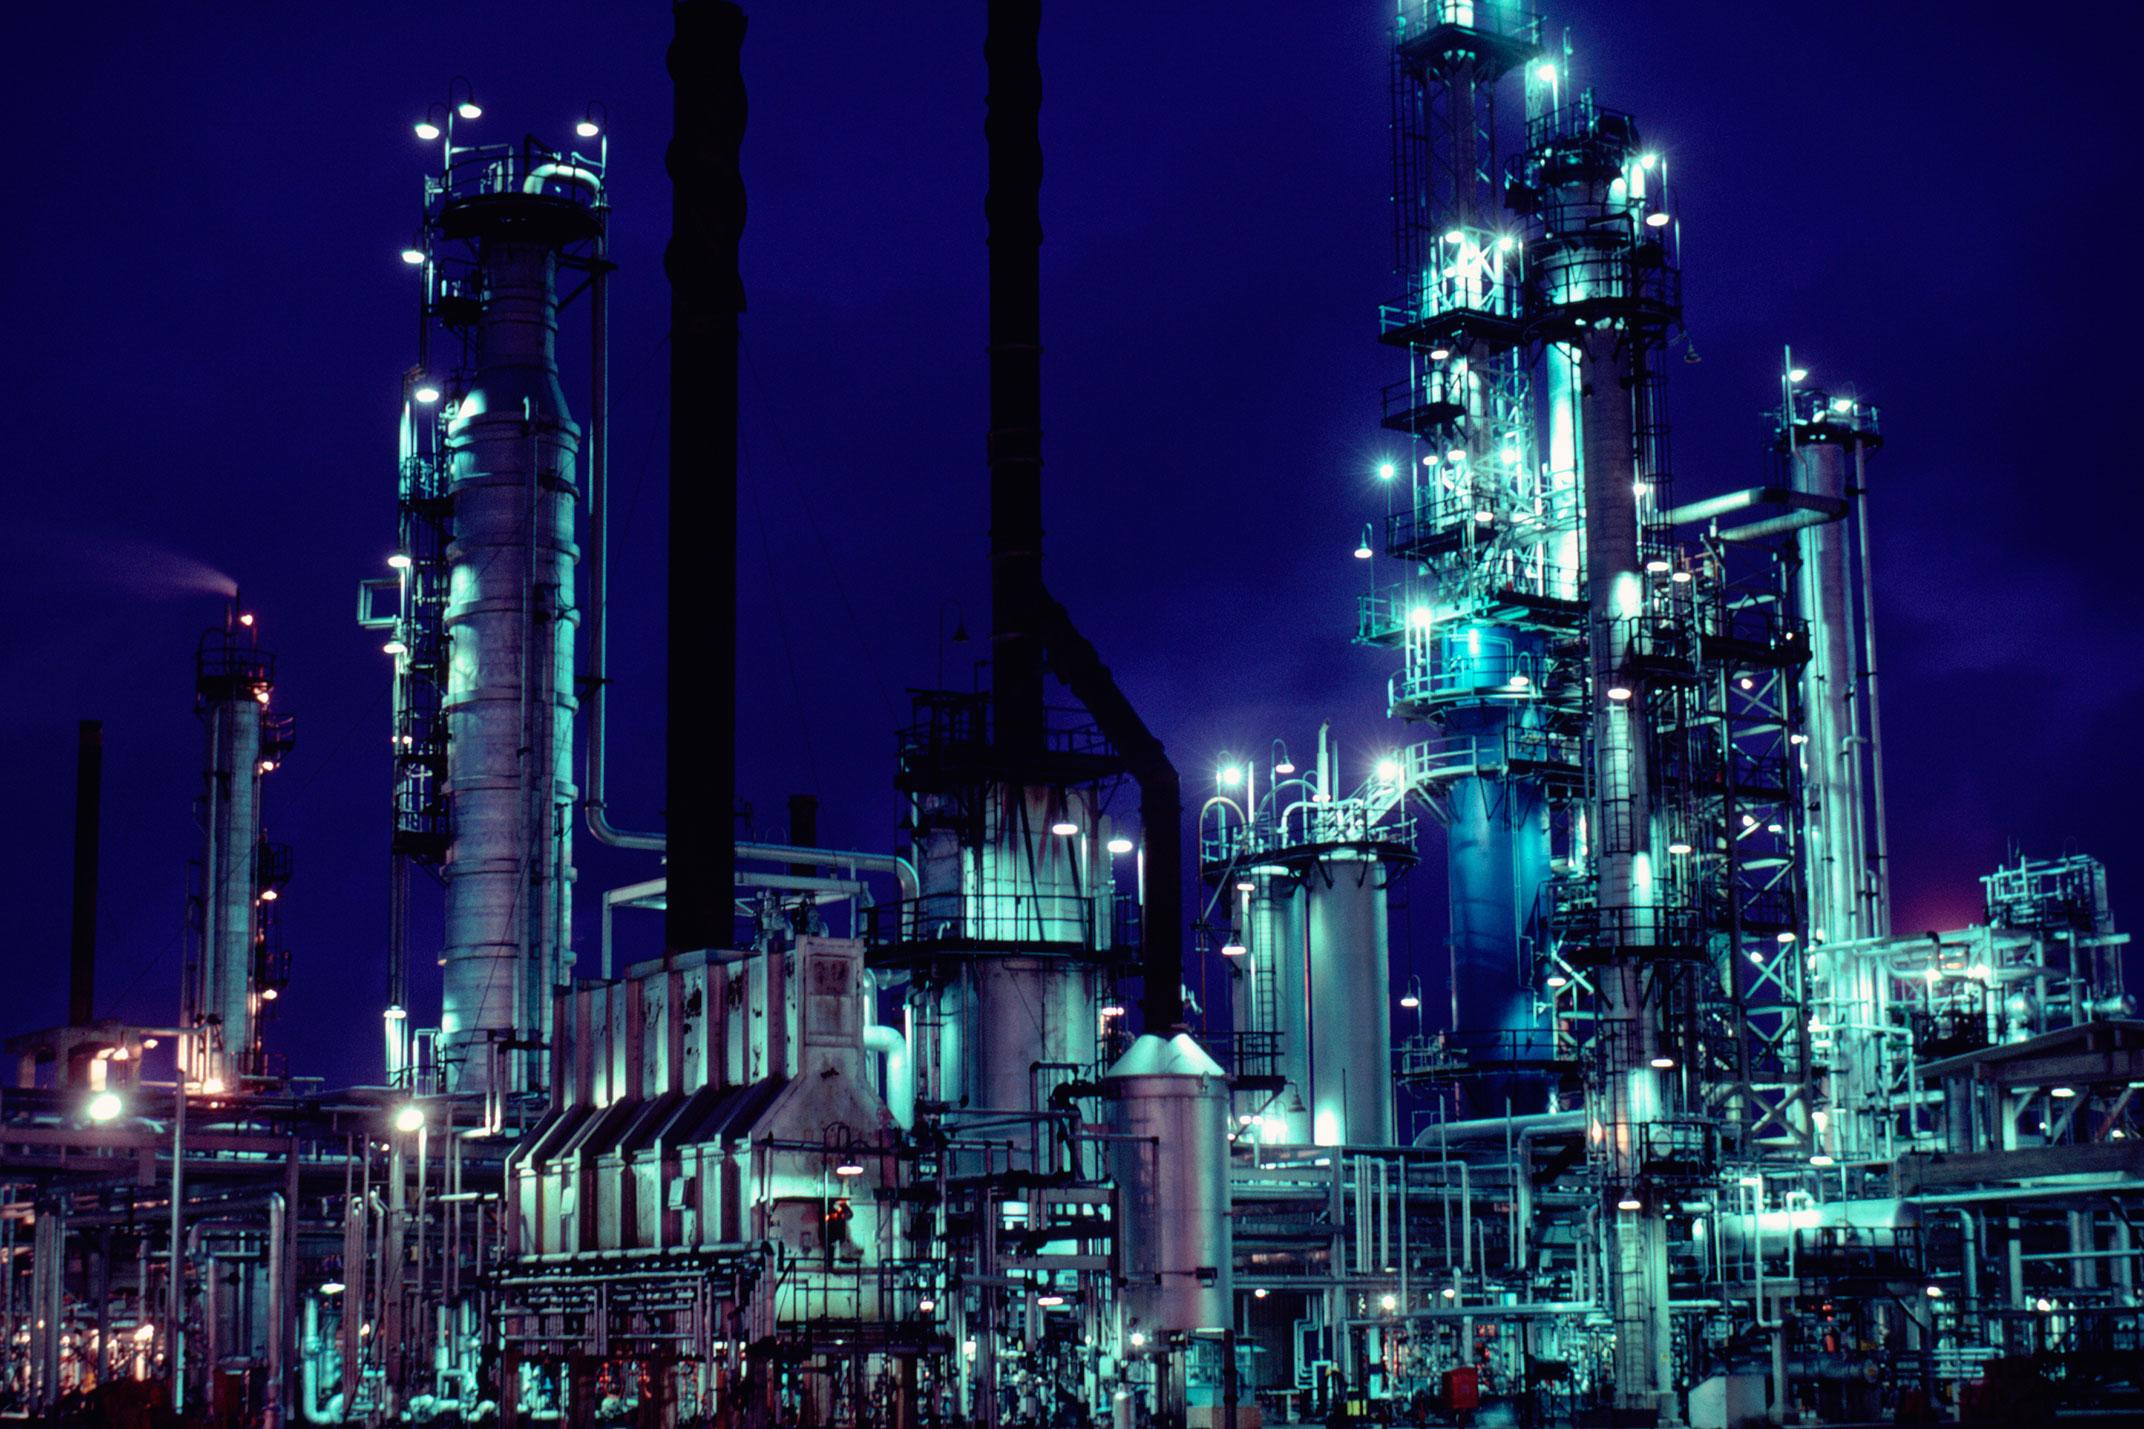 piping-diseño-plantas-industriales-1